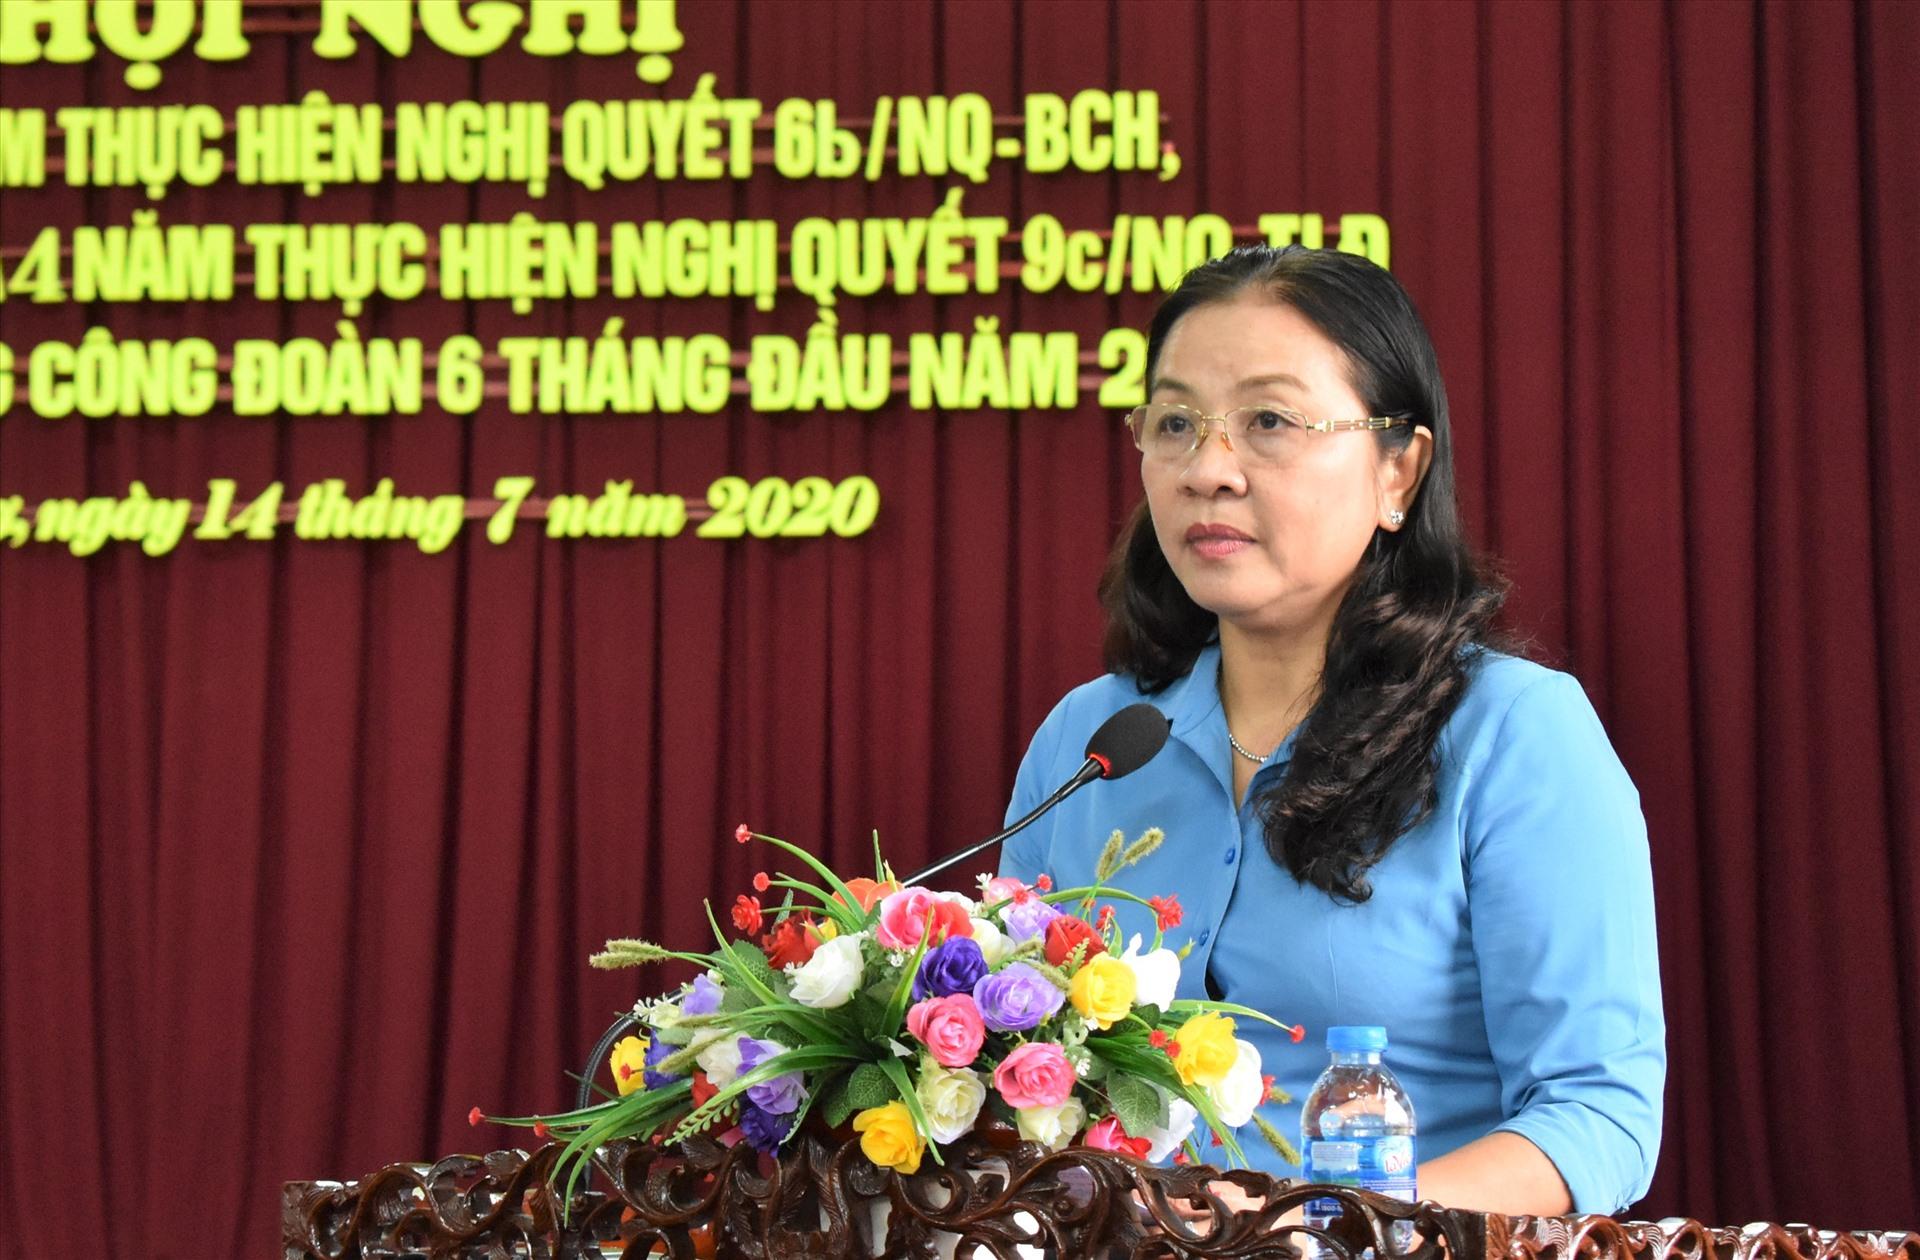 Phó Chủ tịch LĐLĐ TP.Cần Thơ Huỳnh Thị Hiền báo cáo hoạt động Công đoàn Cần Thơ tại hội nghị. Ảnh: Thành Nhân